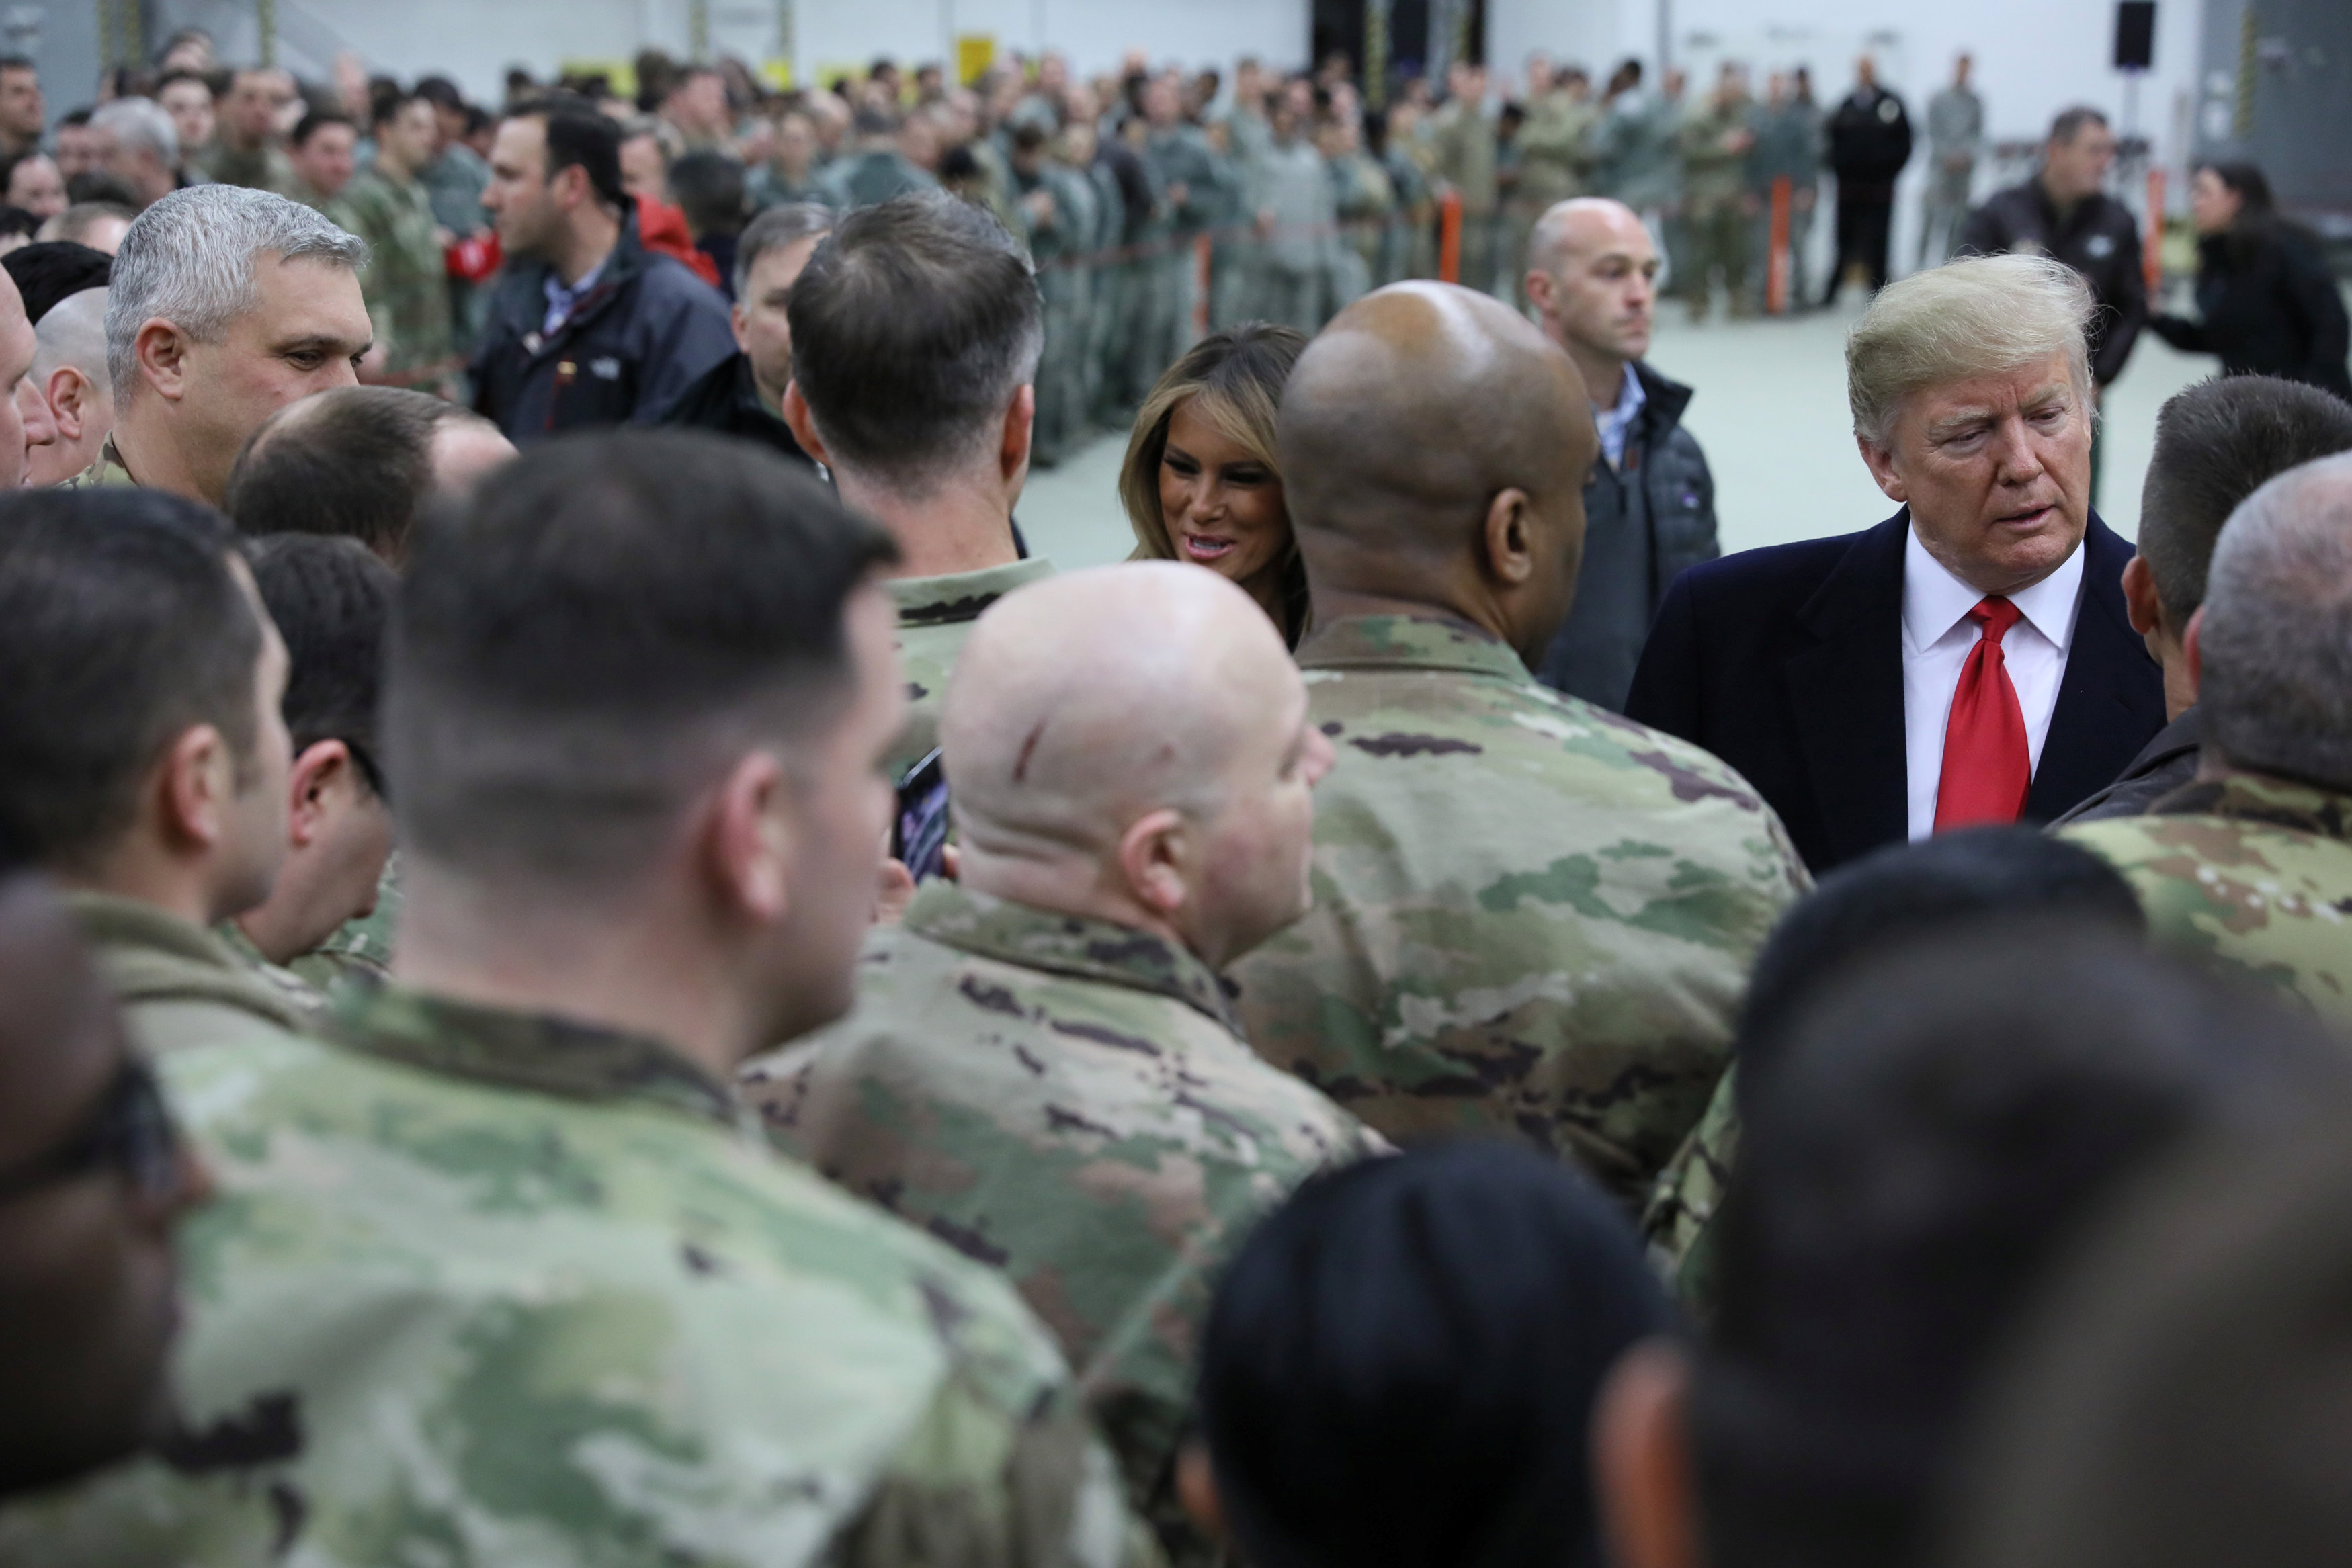 ترامب والسيدة الأولى فى زيارة لأحد القواعد العسكرية الأمريكية